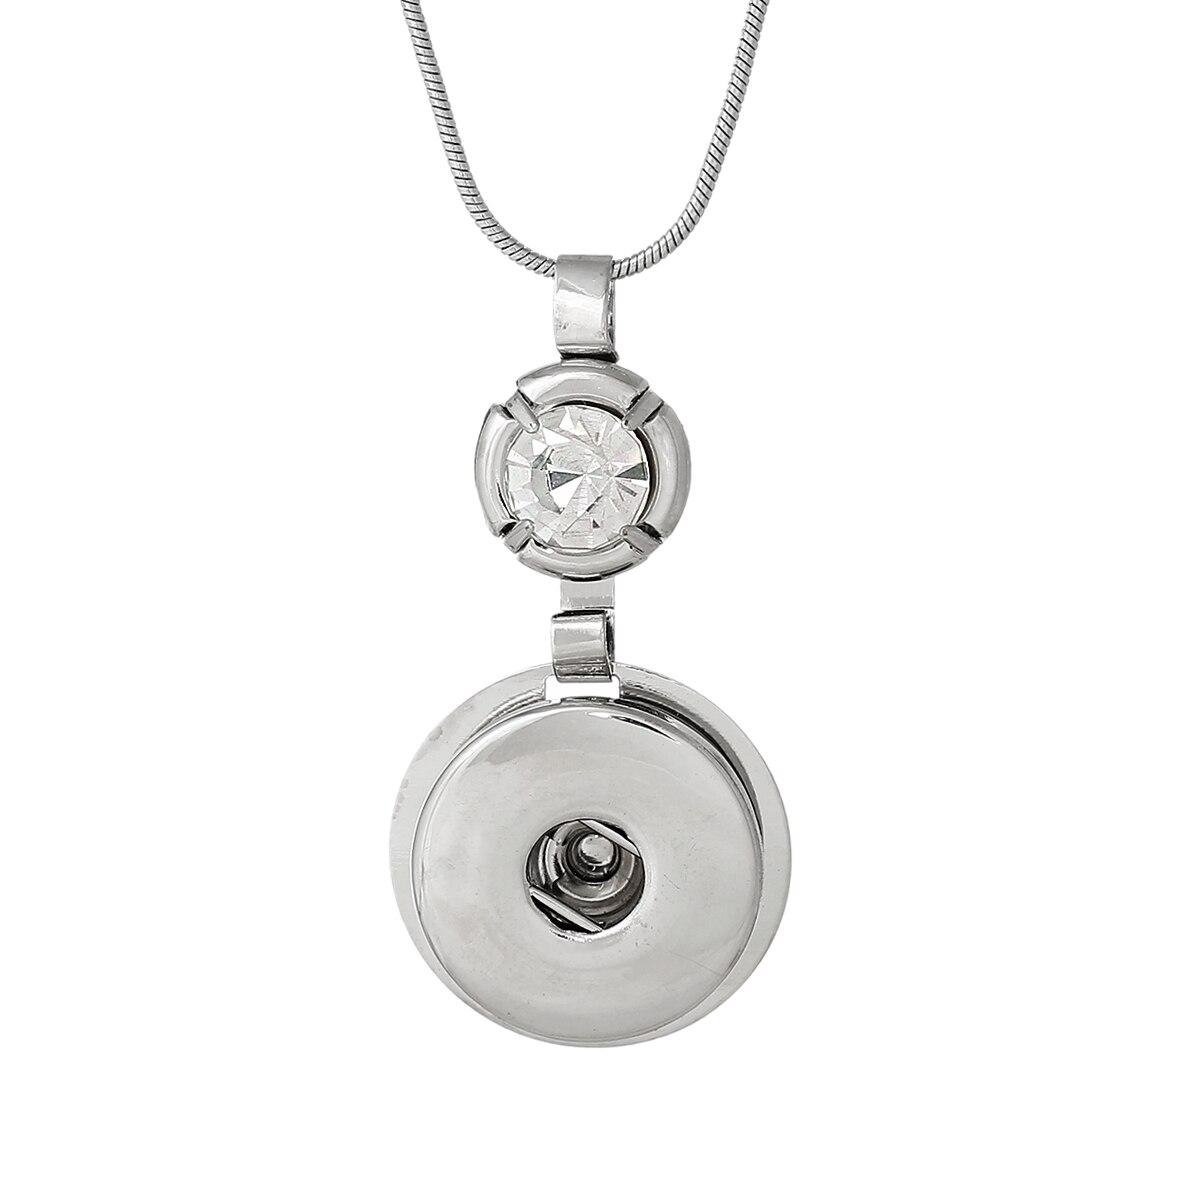 dadb093fcae0 8 estaciones moda Snap collar cadena de la serpiente de la Ronda Tono de  plata rhinestone claro encaja Snap botón 43.5 cm largo